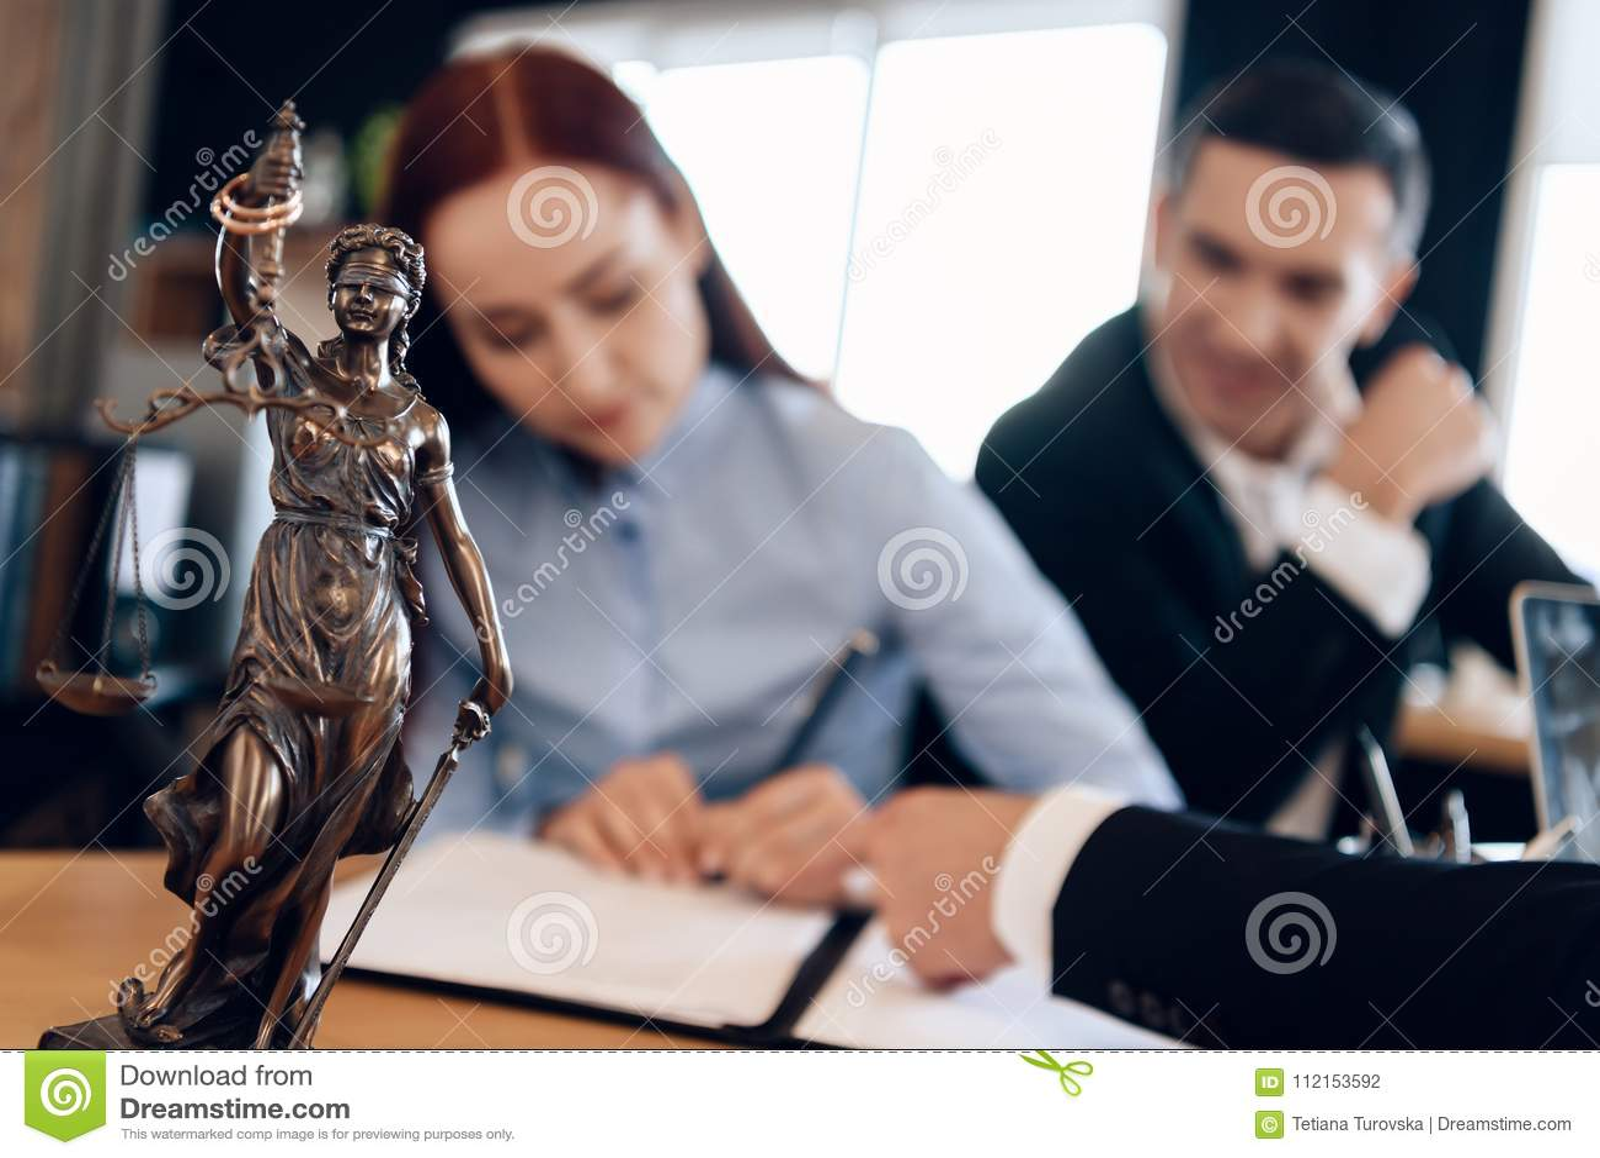 La statua bronzea di Themis tiene la bilancia della giustizia Nel fondo unfocused, l adulto firma i documenti